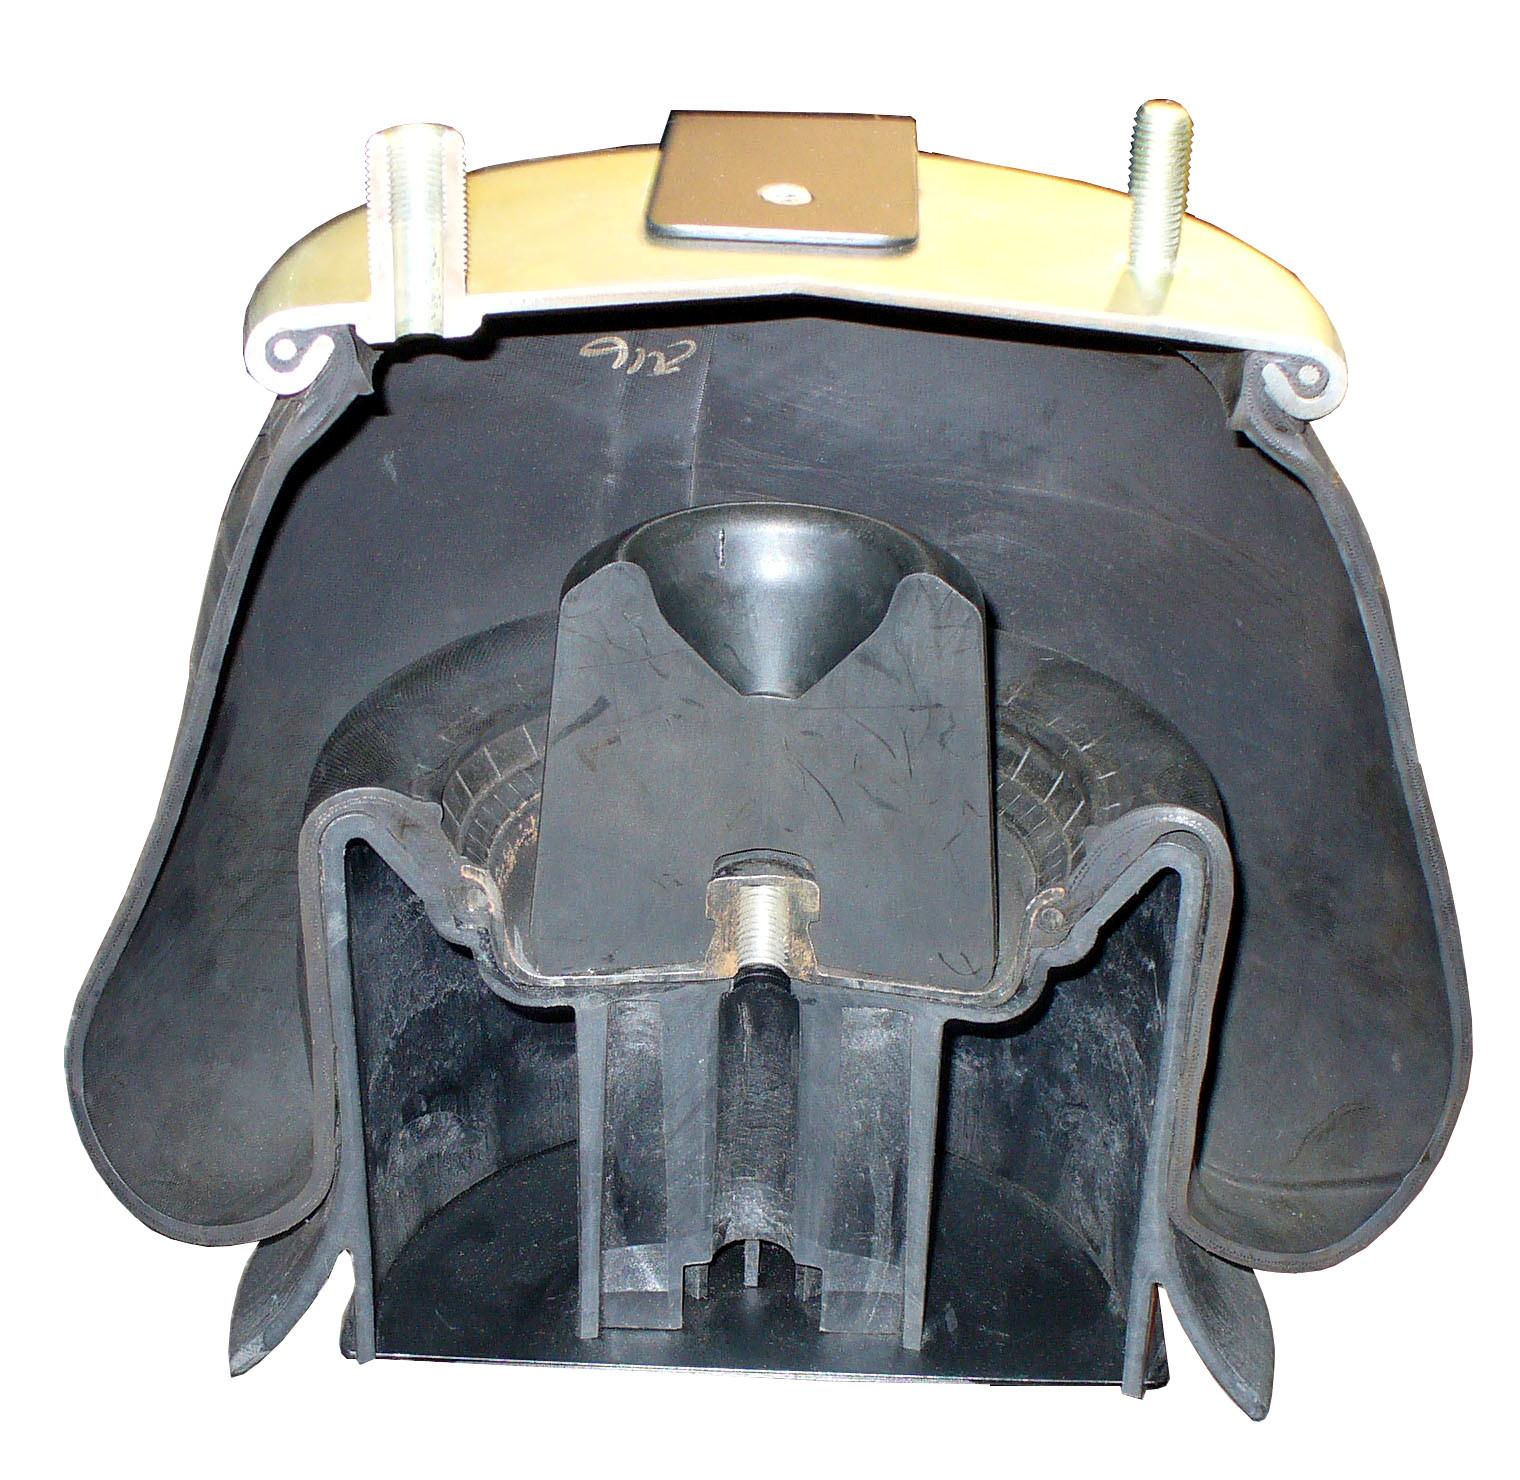 Blick in eine mittig aufgeschnittene Luftfeder für einen Lkw, genannt Gummibalg